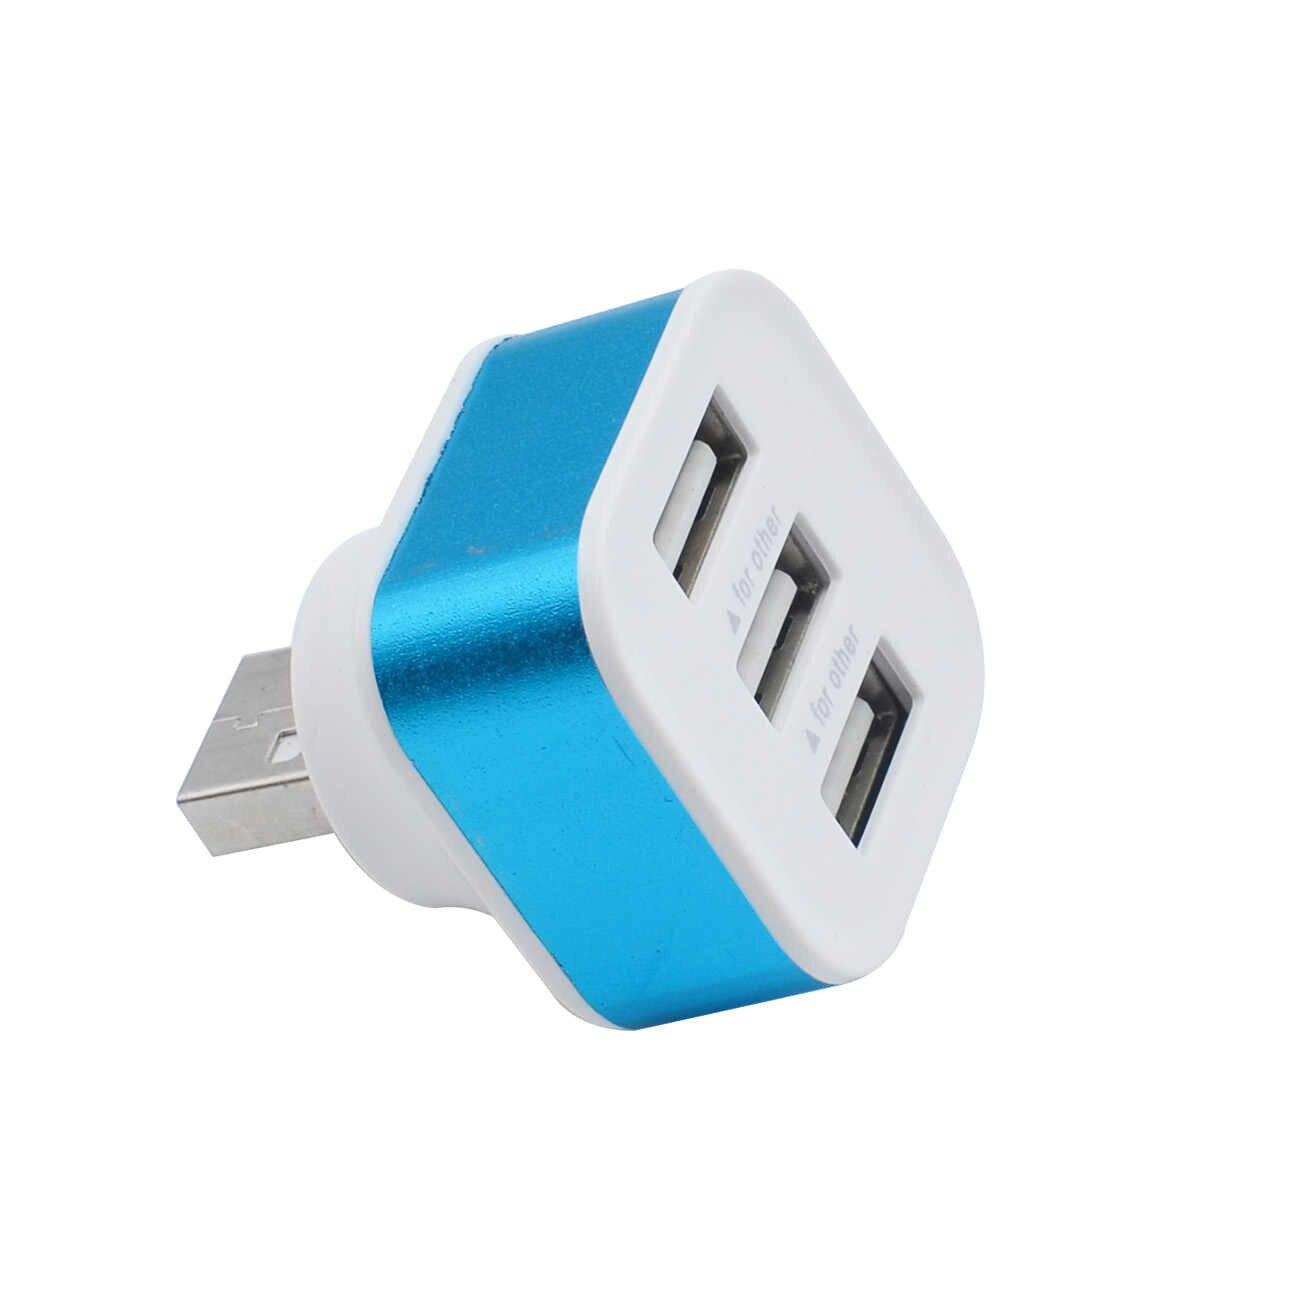 充電マルチ Usb 充電器急速充電壁の充電器 8 シャオ mi mi 9 携帯電話充電器 3 ポート